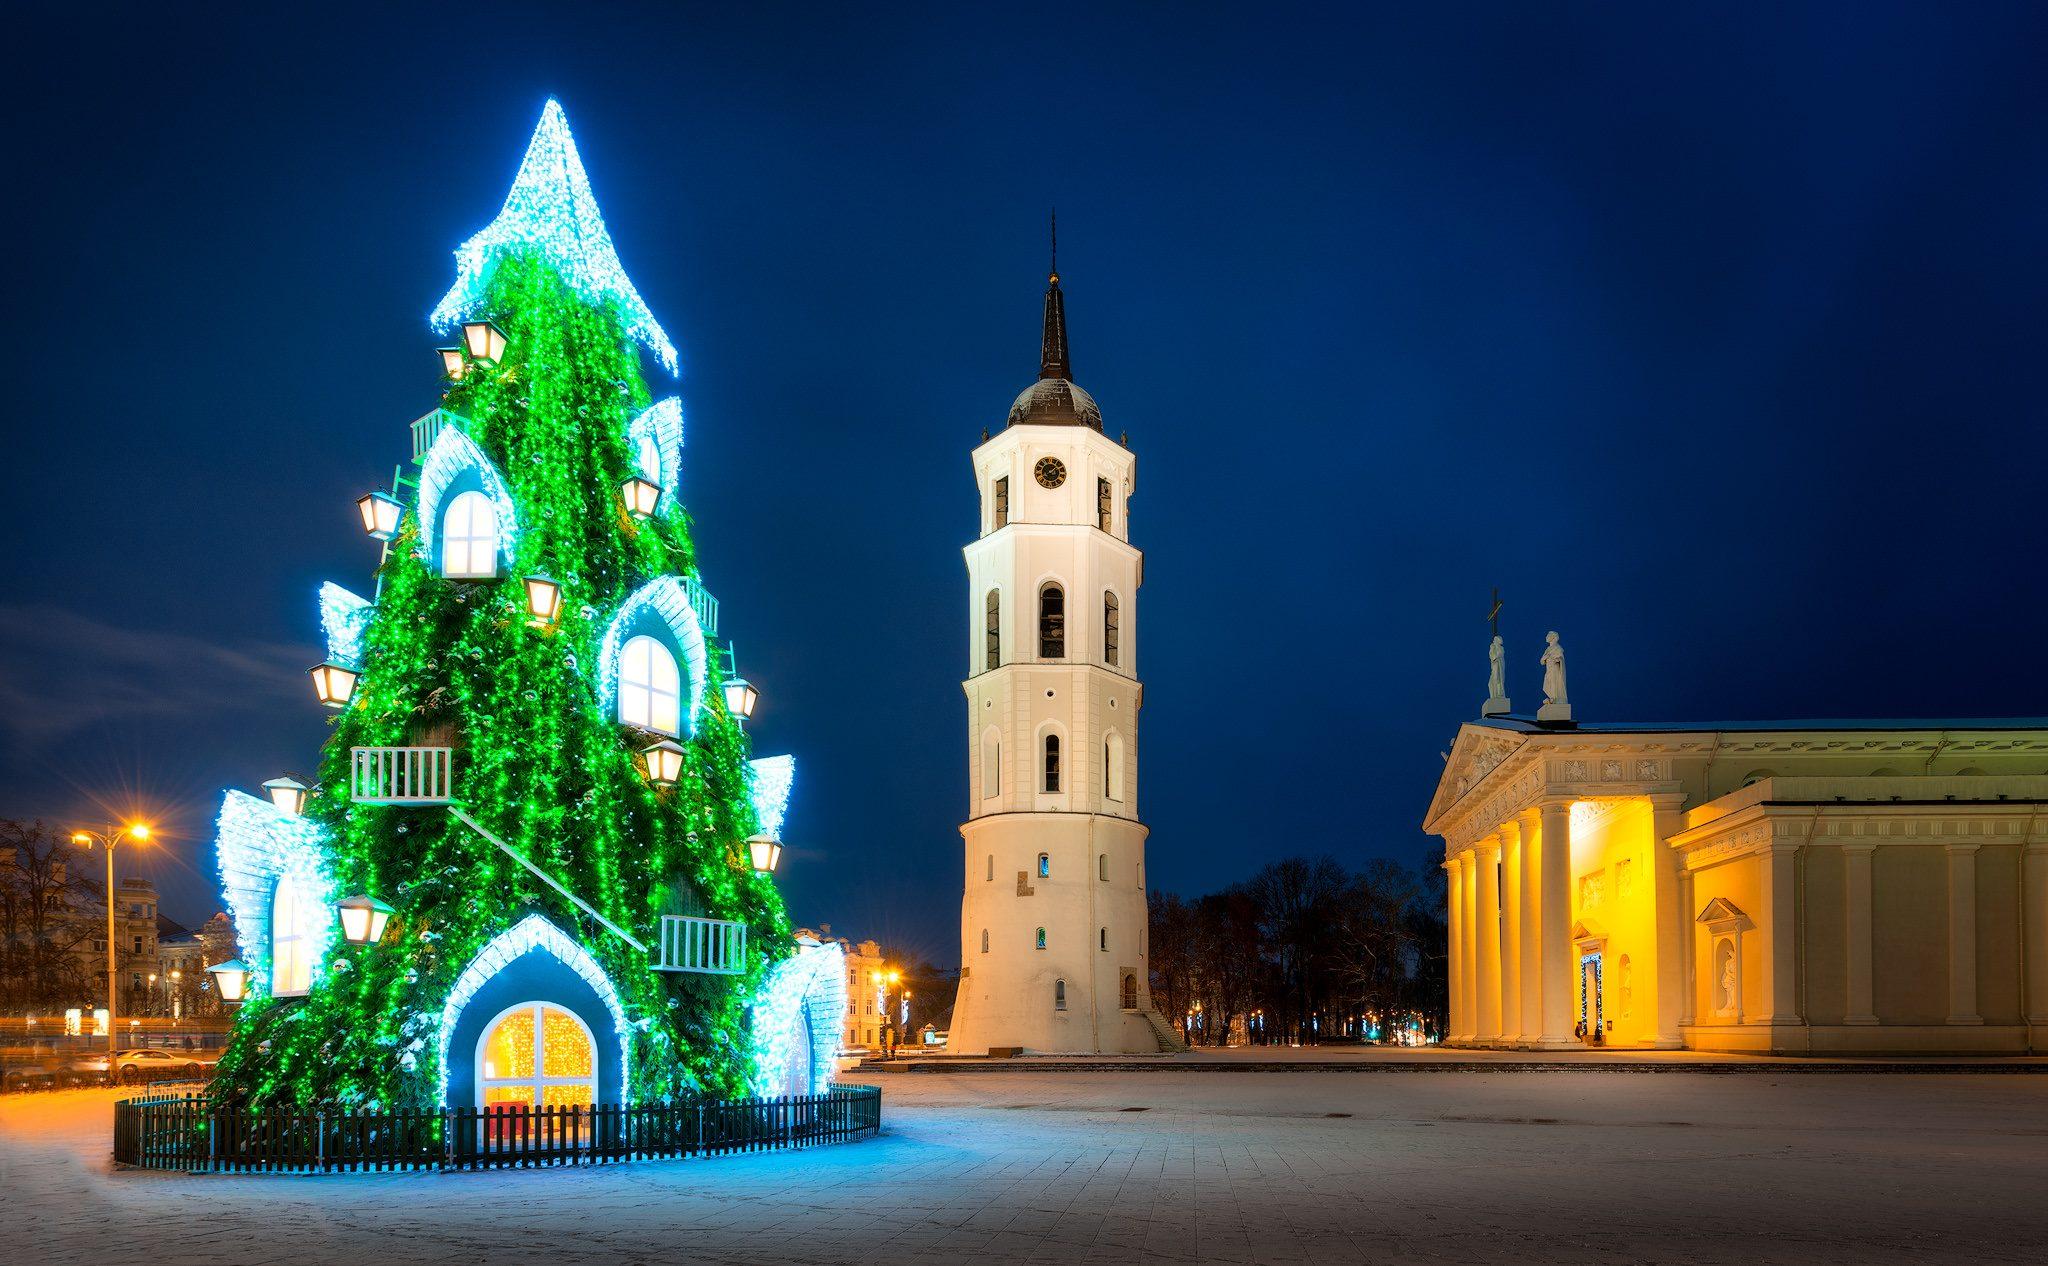 Vilnius in Litauen mit seinem Domplatz ist der perfekte Ort für Silvester.